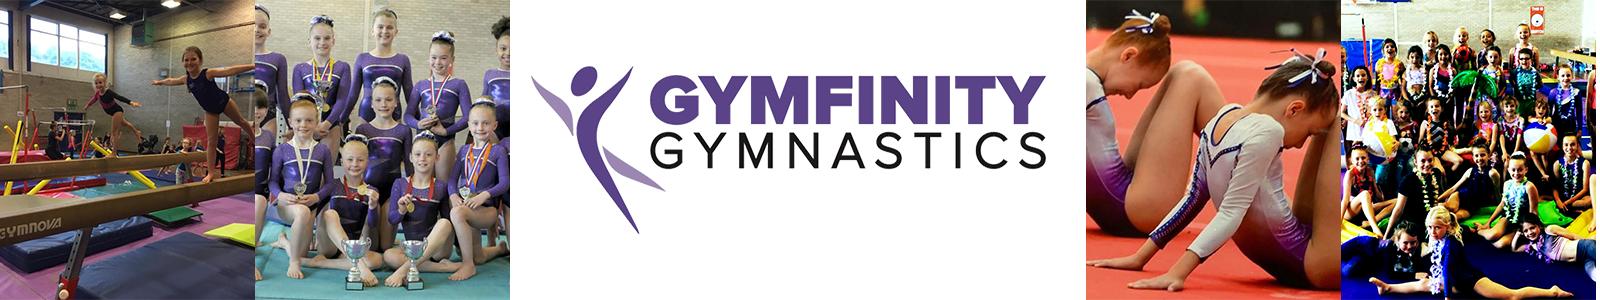 Gymfinity waiver form